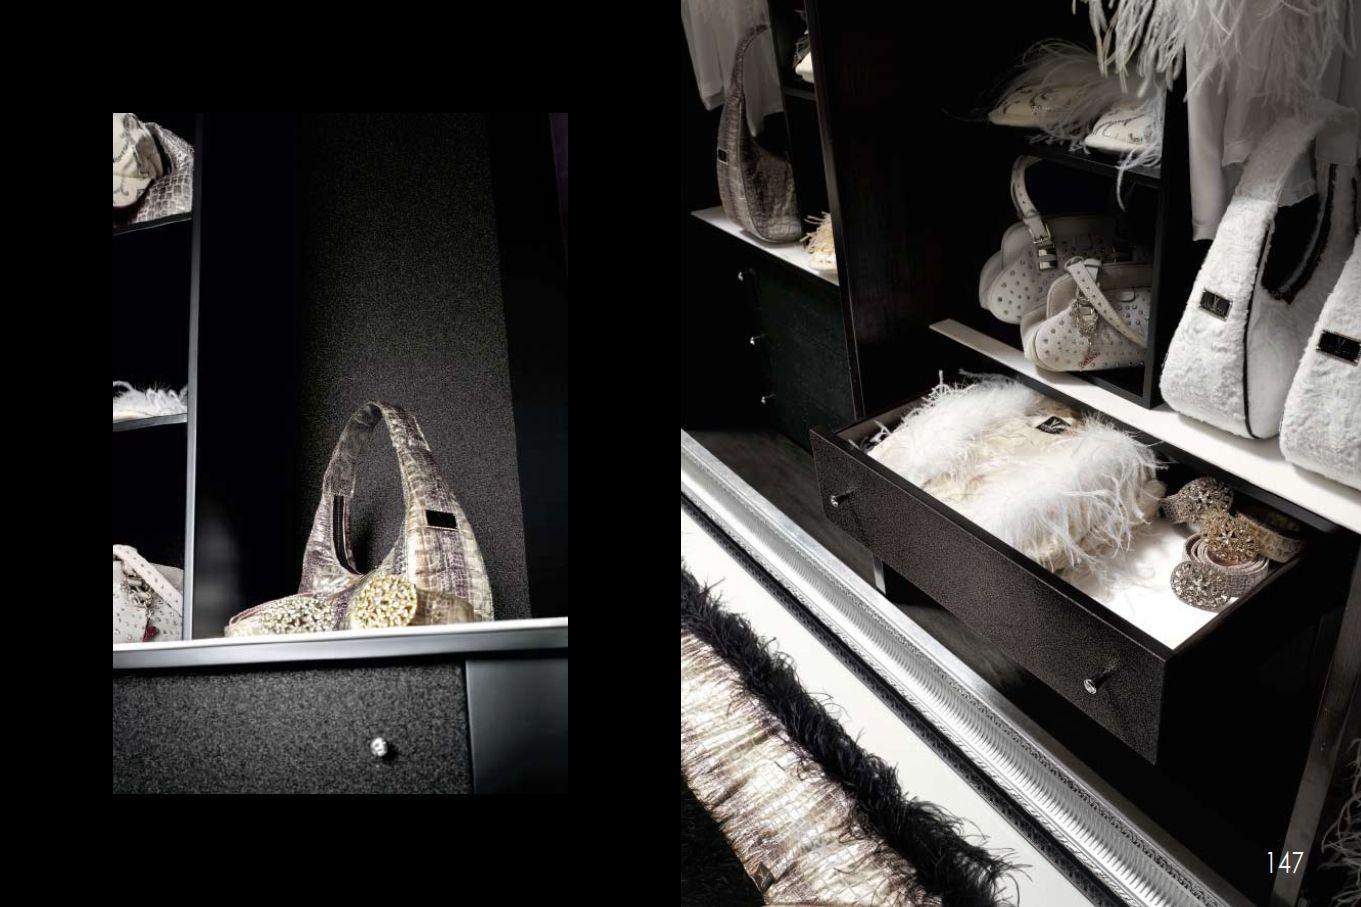 Runde schlafzimmer   luxus schlafzimmer alta moda tiffany seriedie ...